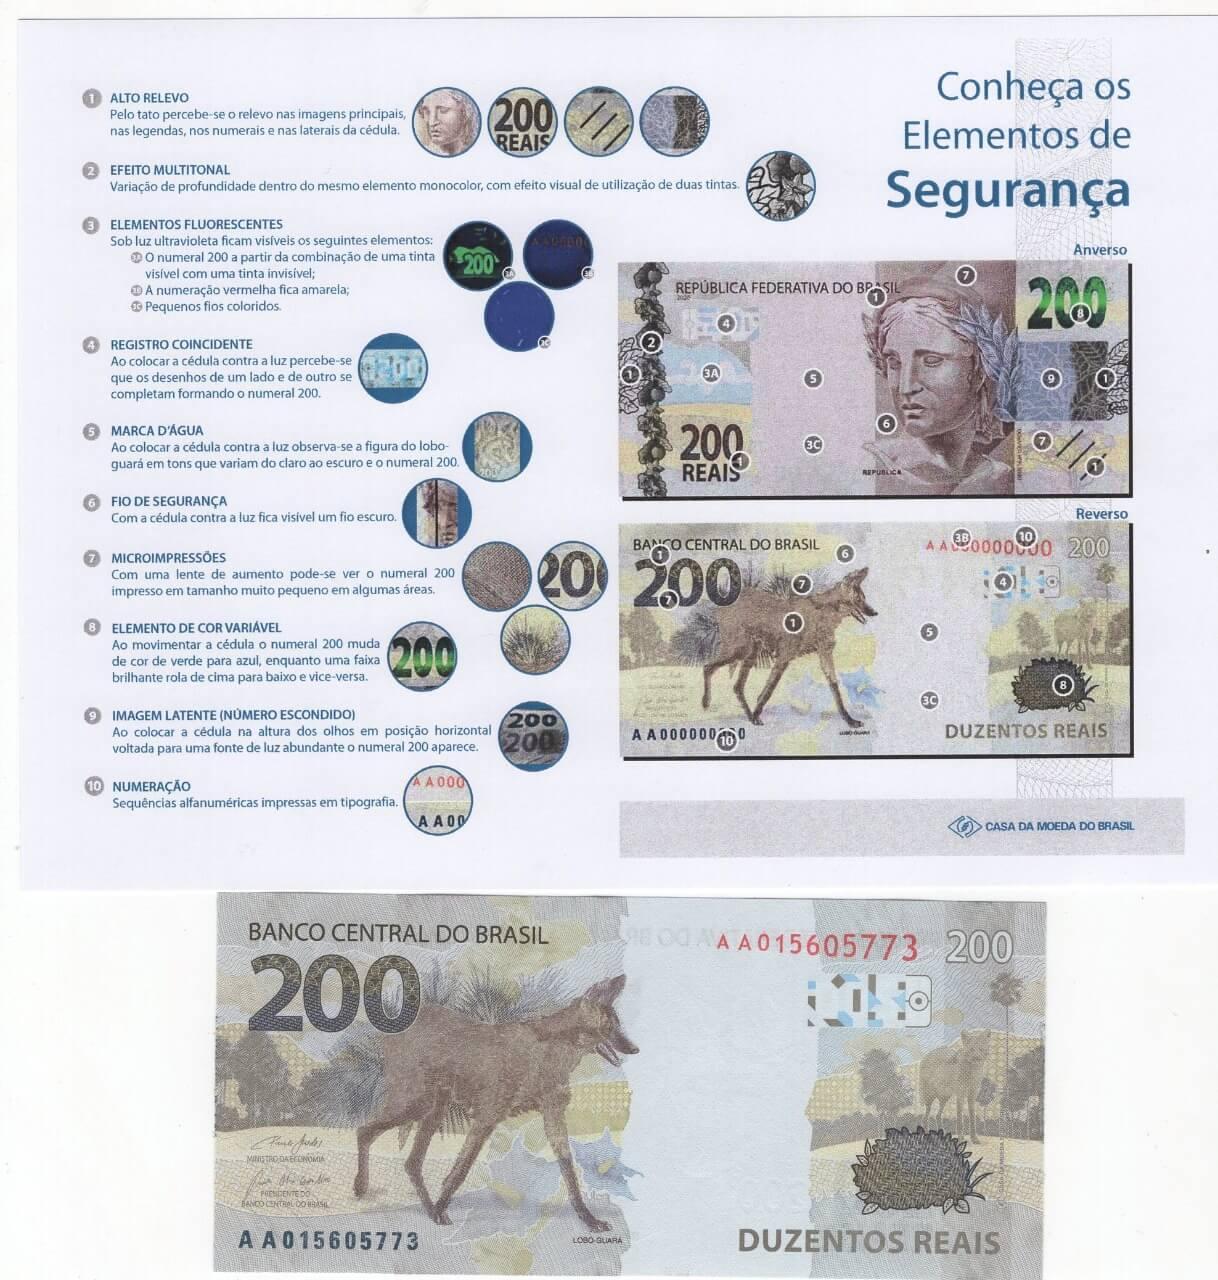 Cédula Brasil 200 Reais Lobo-guará (FE) +  informativo com a descrição dos elementos de segurança